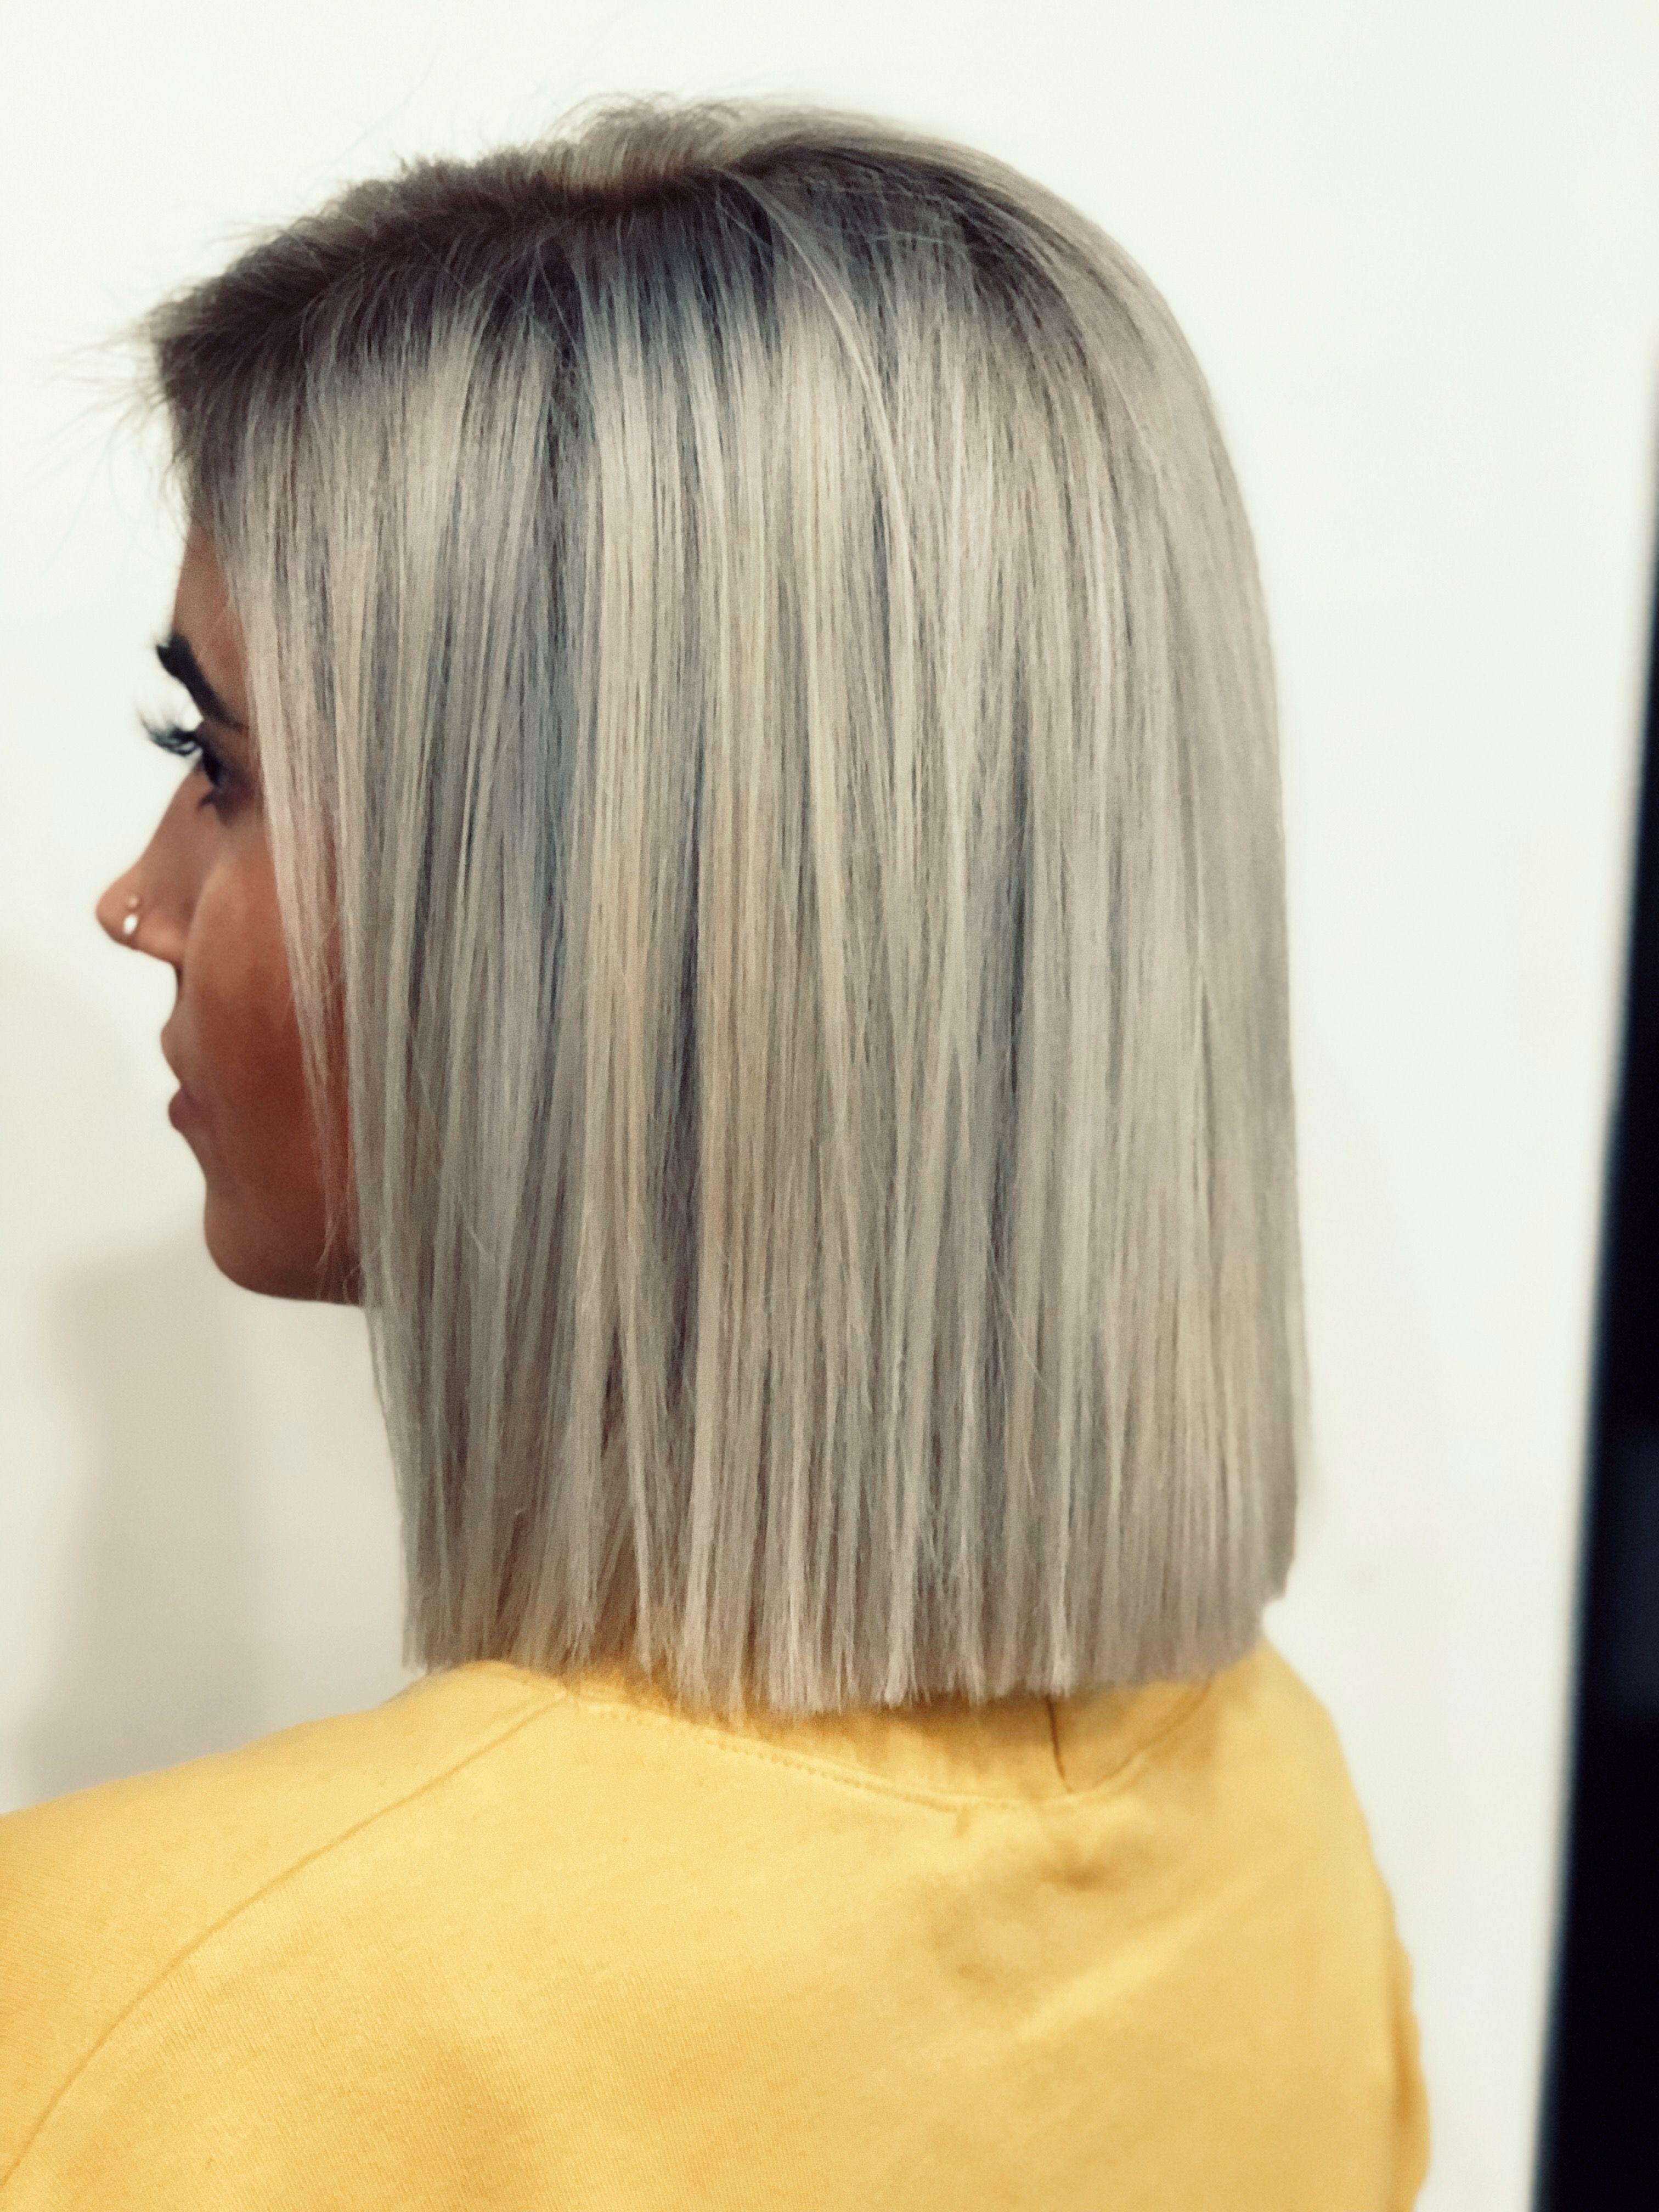 Cool Blonde Hair Instagram At Kavakeeks Fryzury W 2019